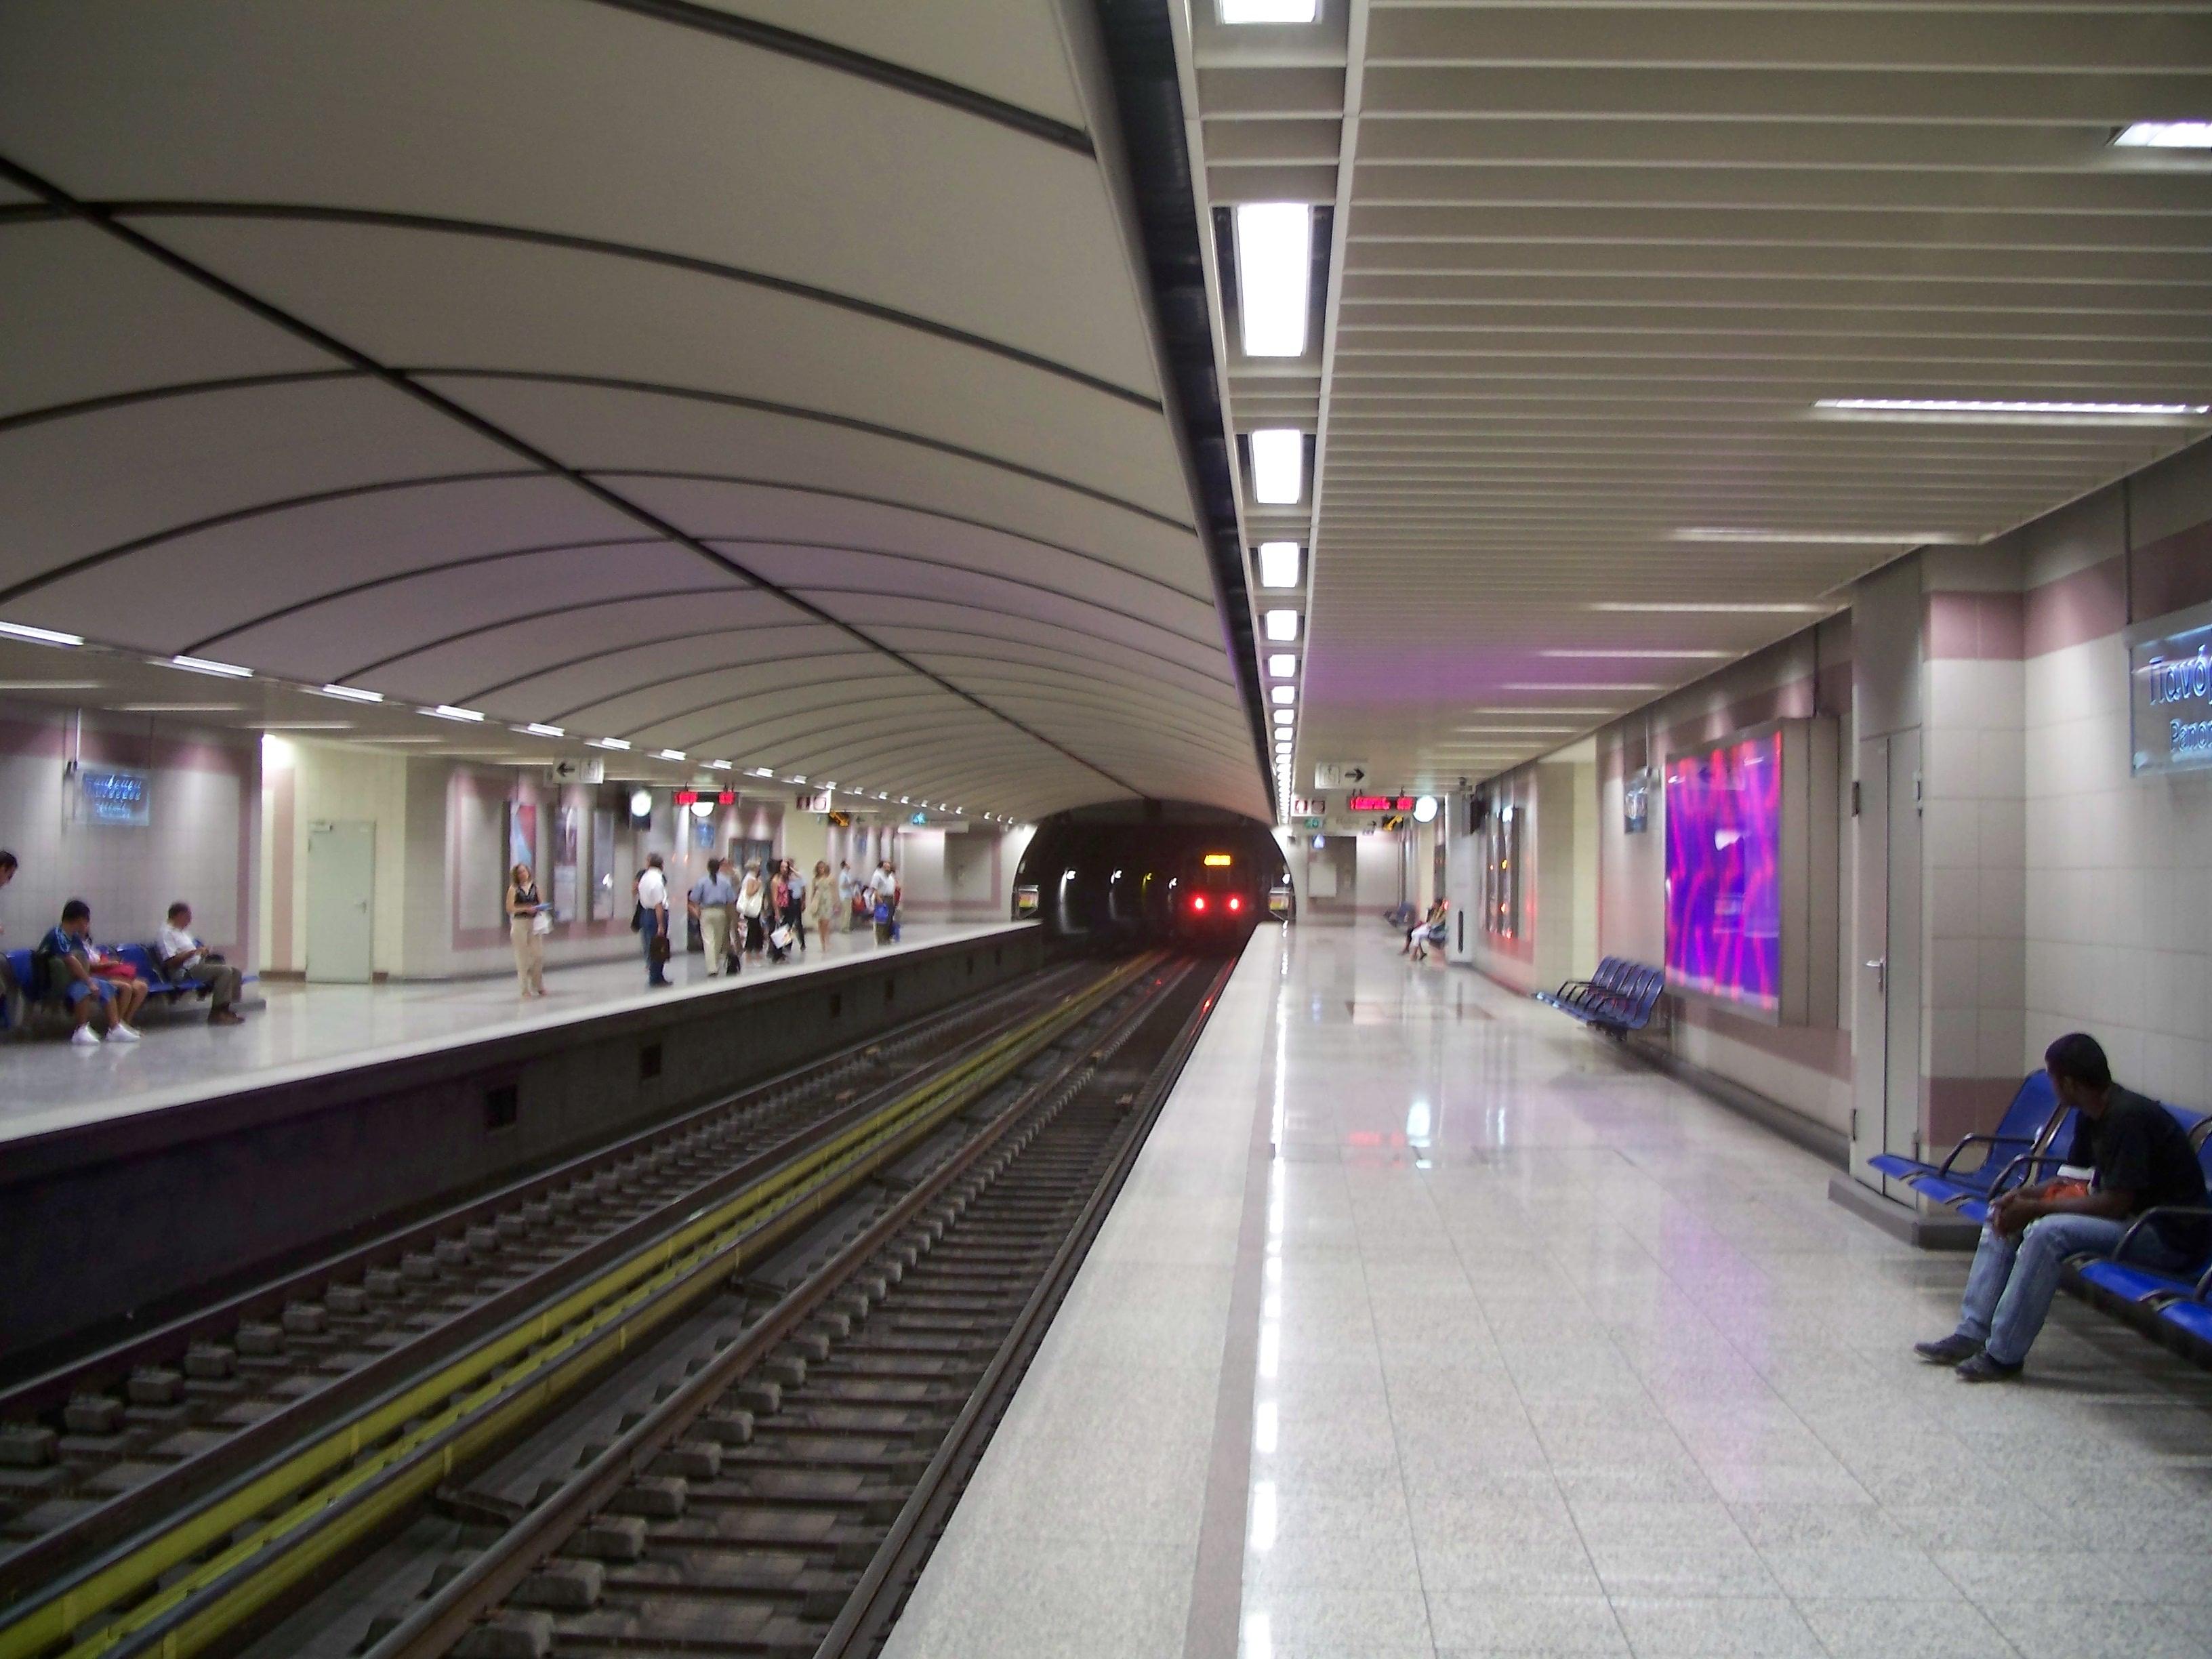 Σταθμός Πανόρμου (Μετρό Αθήνας)